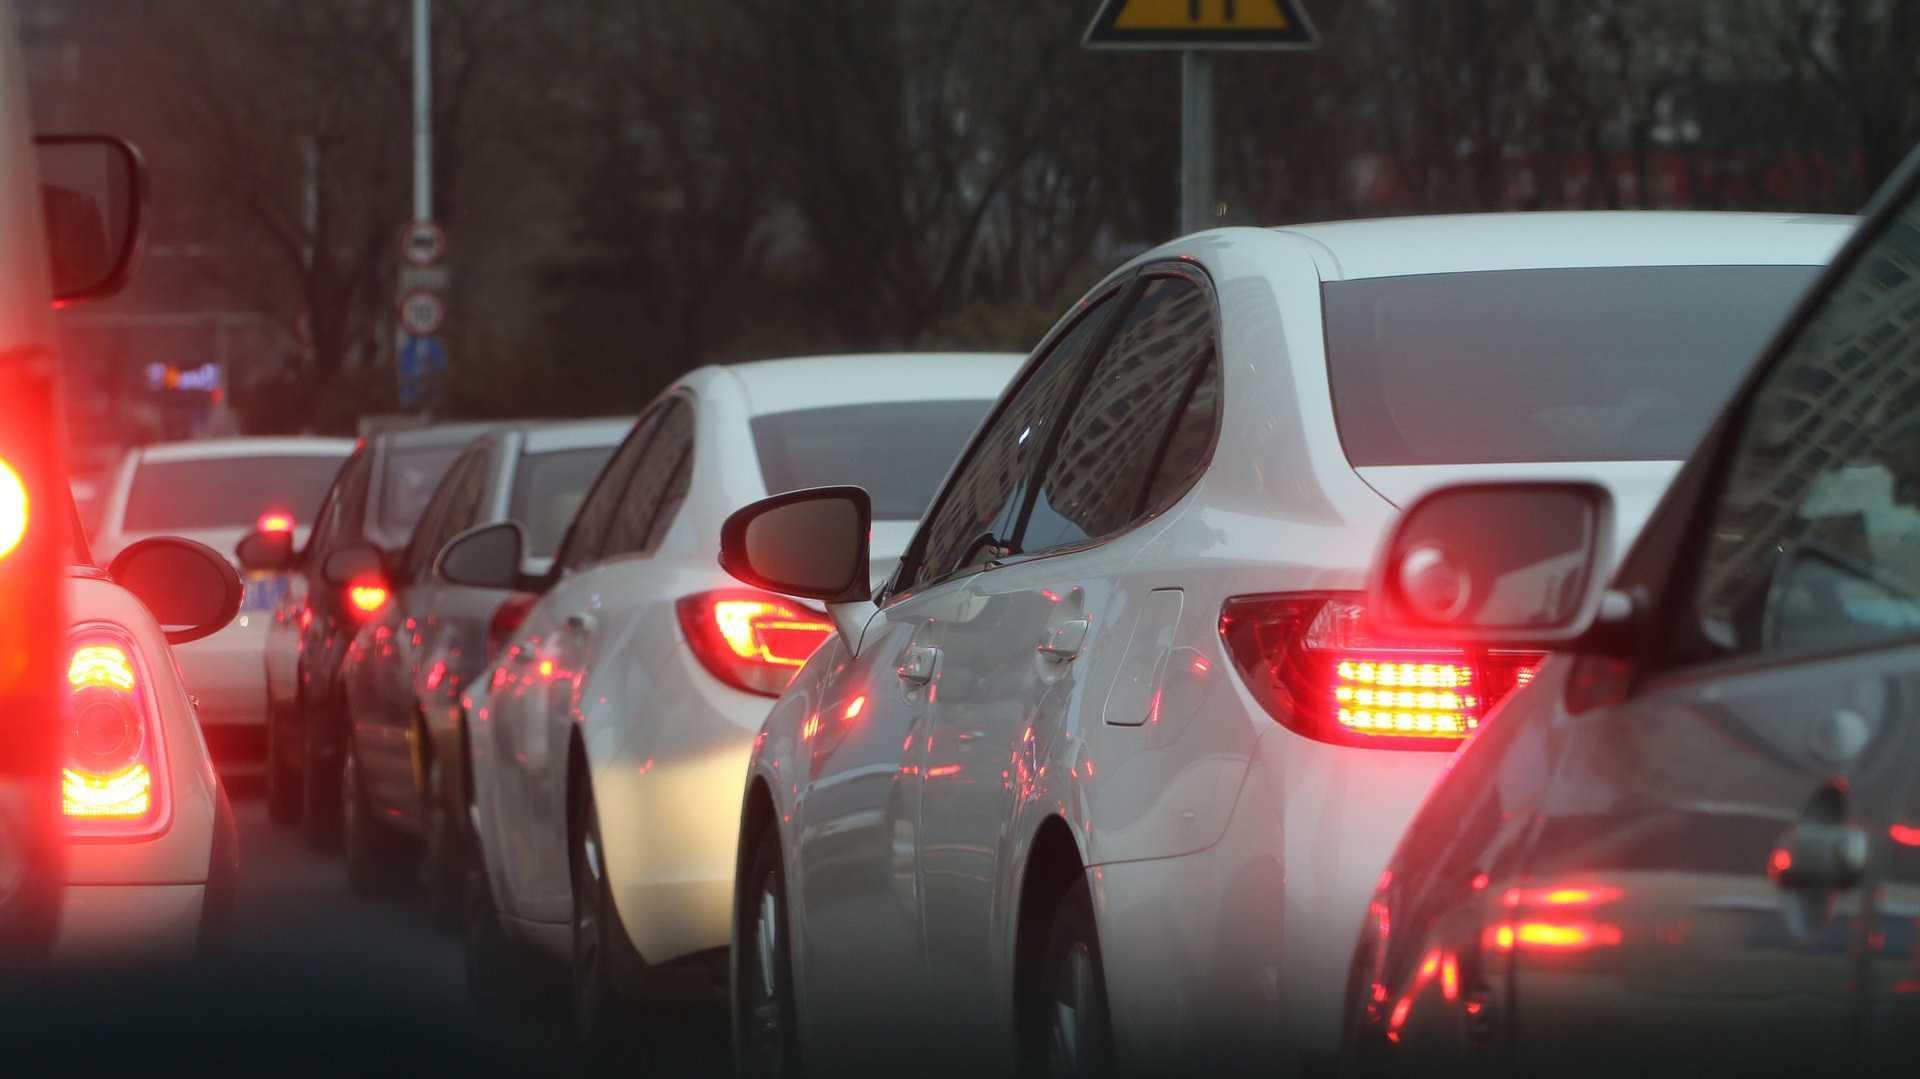 Regierungsplan zur Fahrverbot-Überwachung: Massive Bedenken und großes Lob